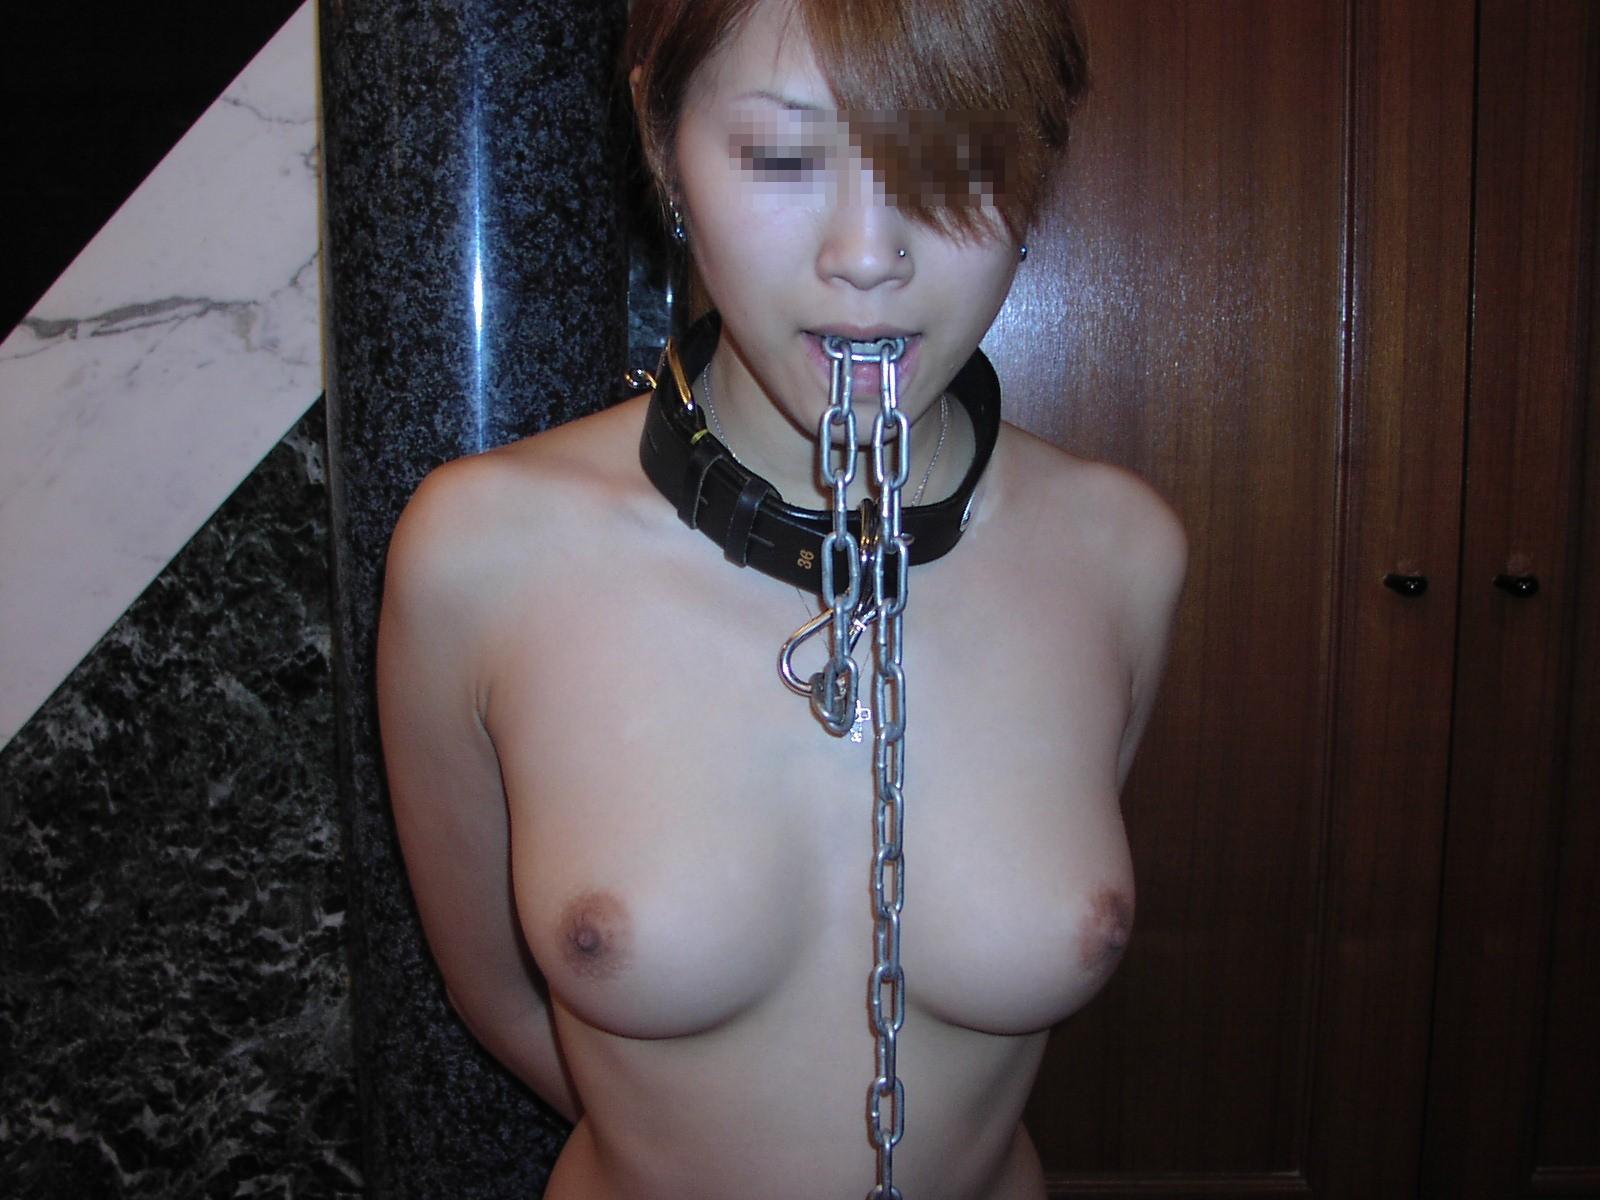 首輪を付けられ飼育されてる雌豚女のエロ画像wwwwwww